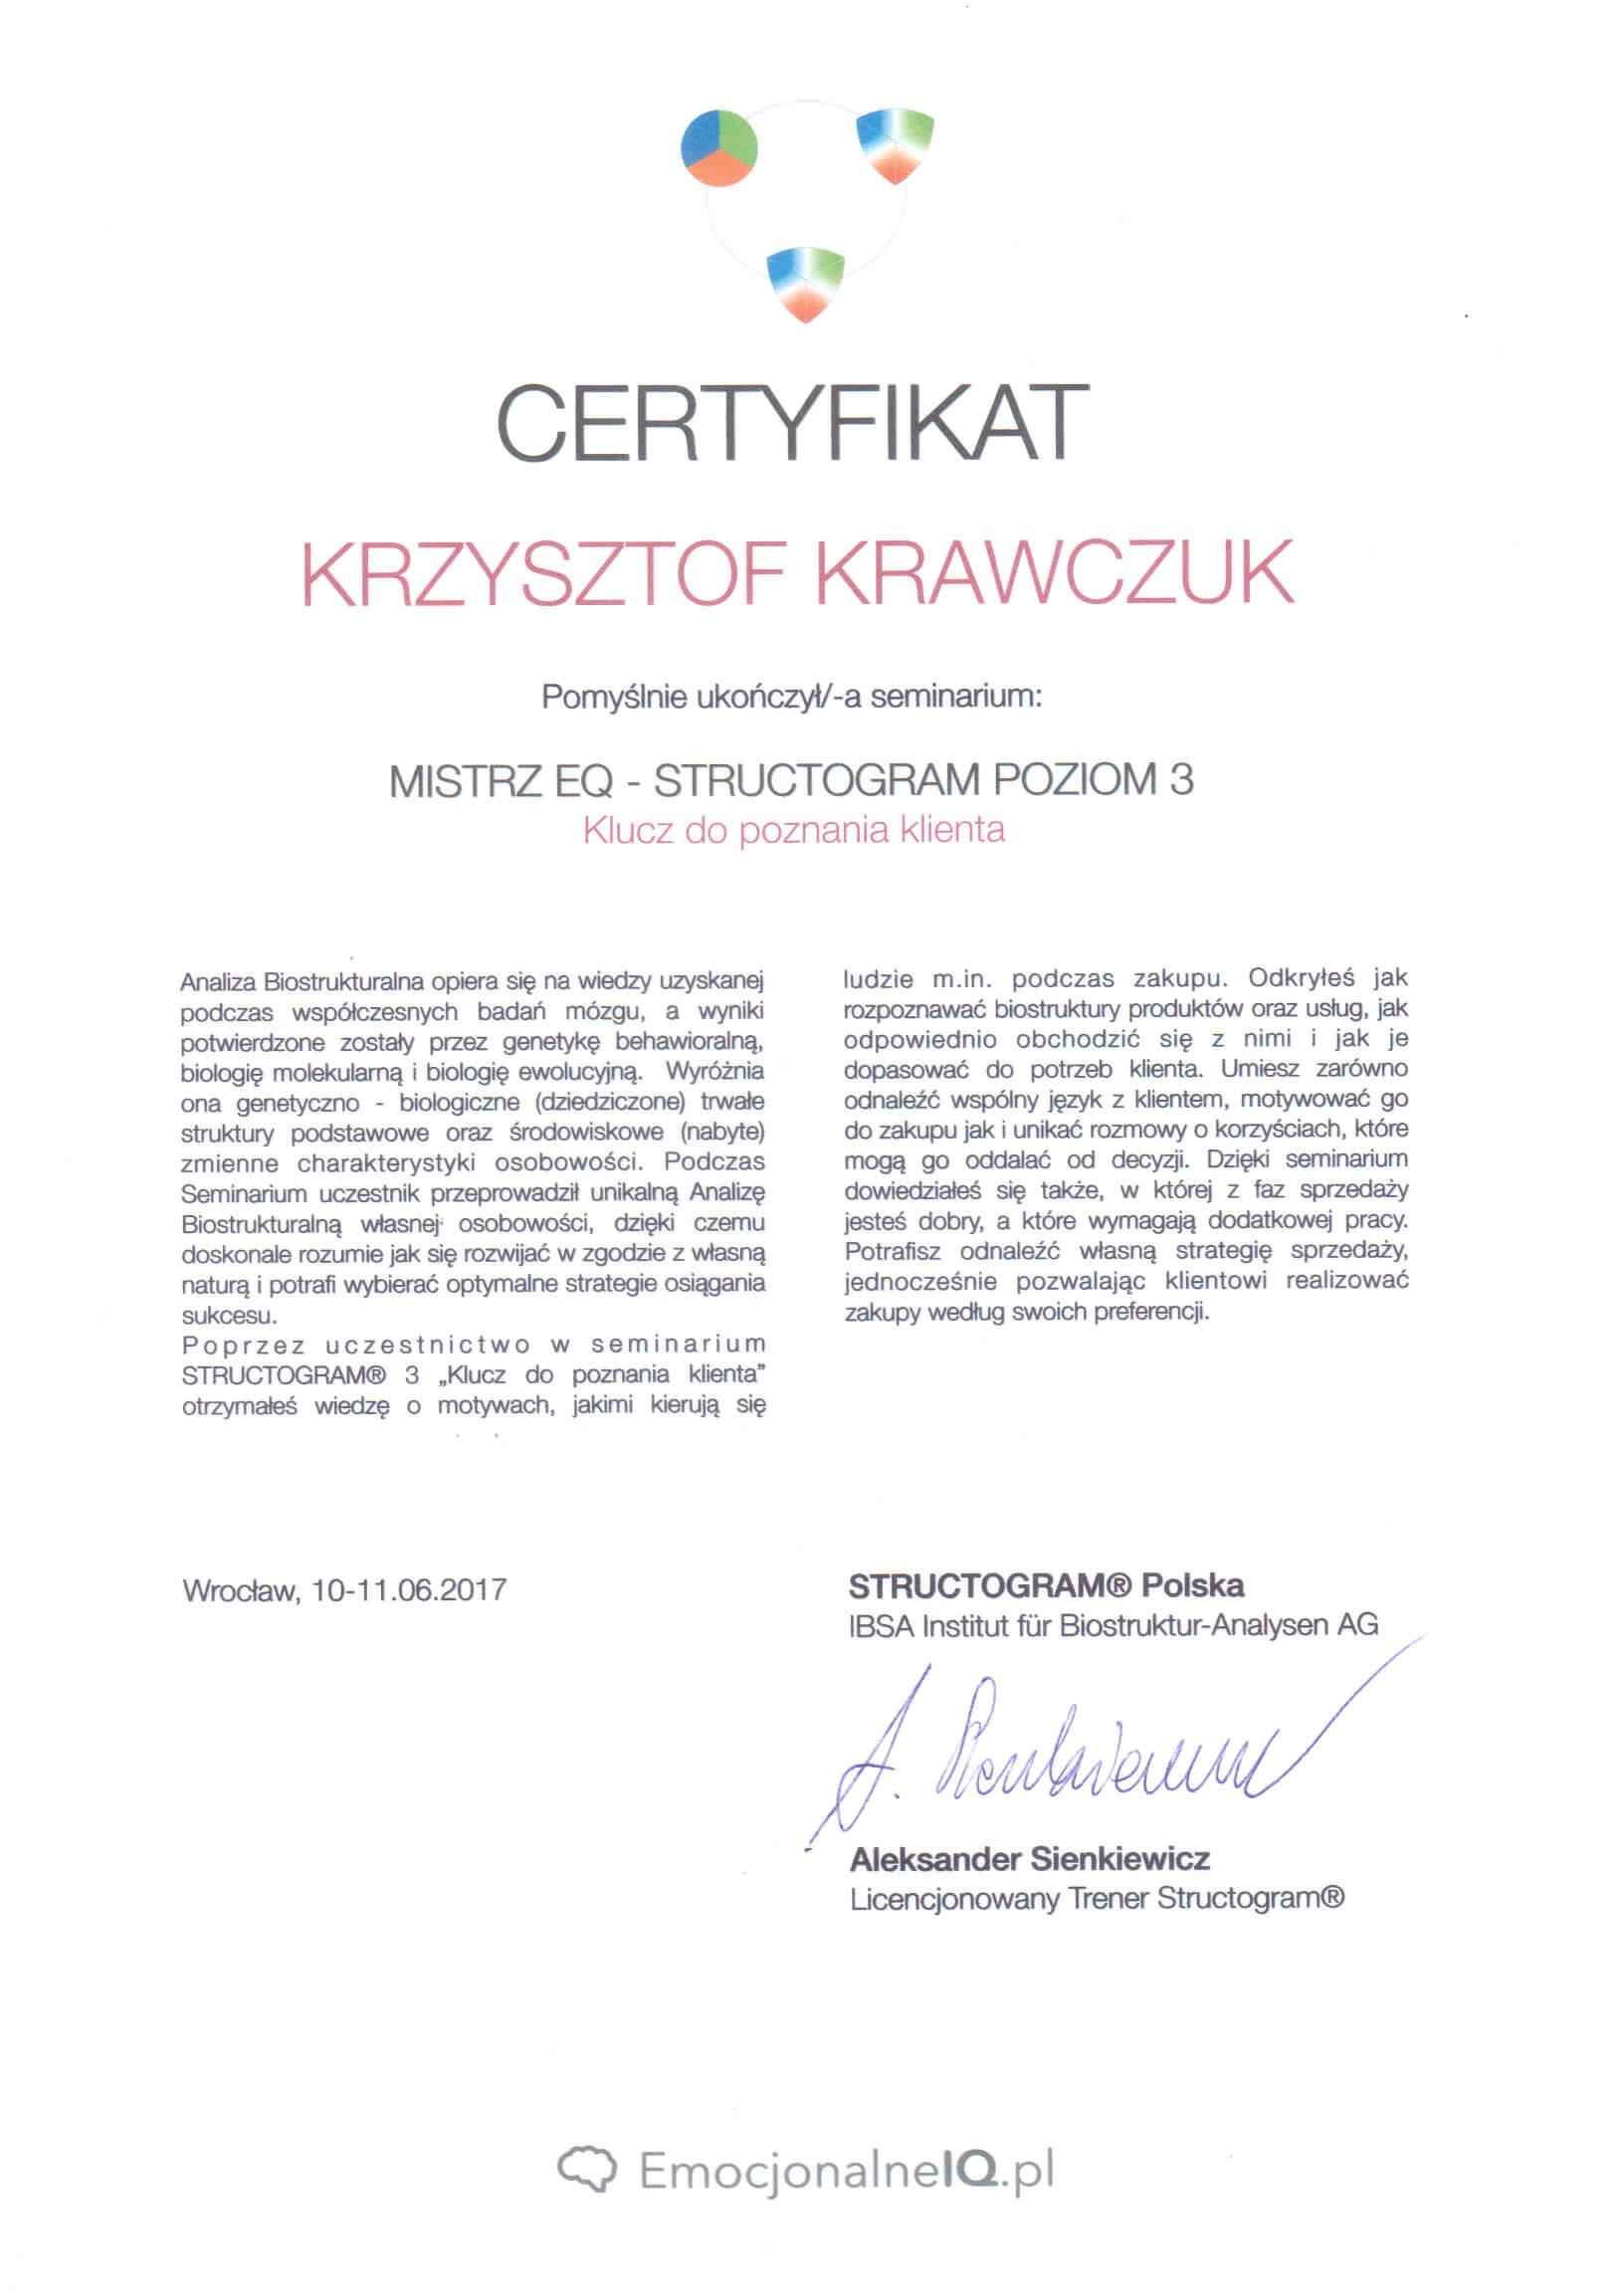 Certyfikat Mistrz EQ Structogram poziom 3